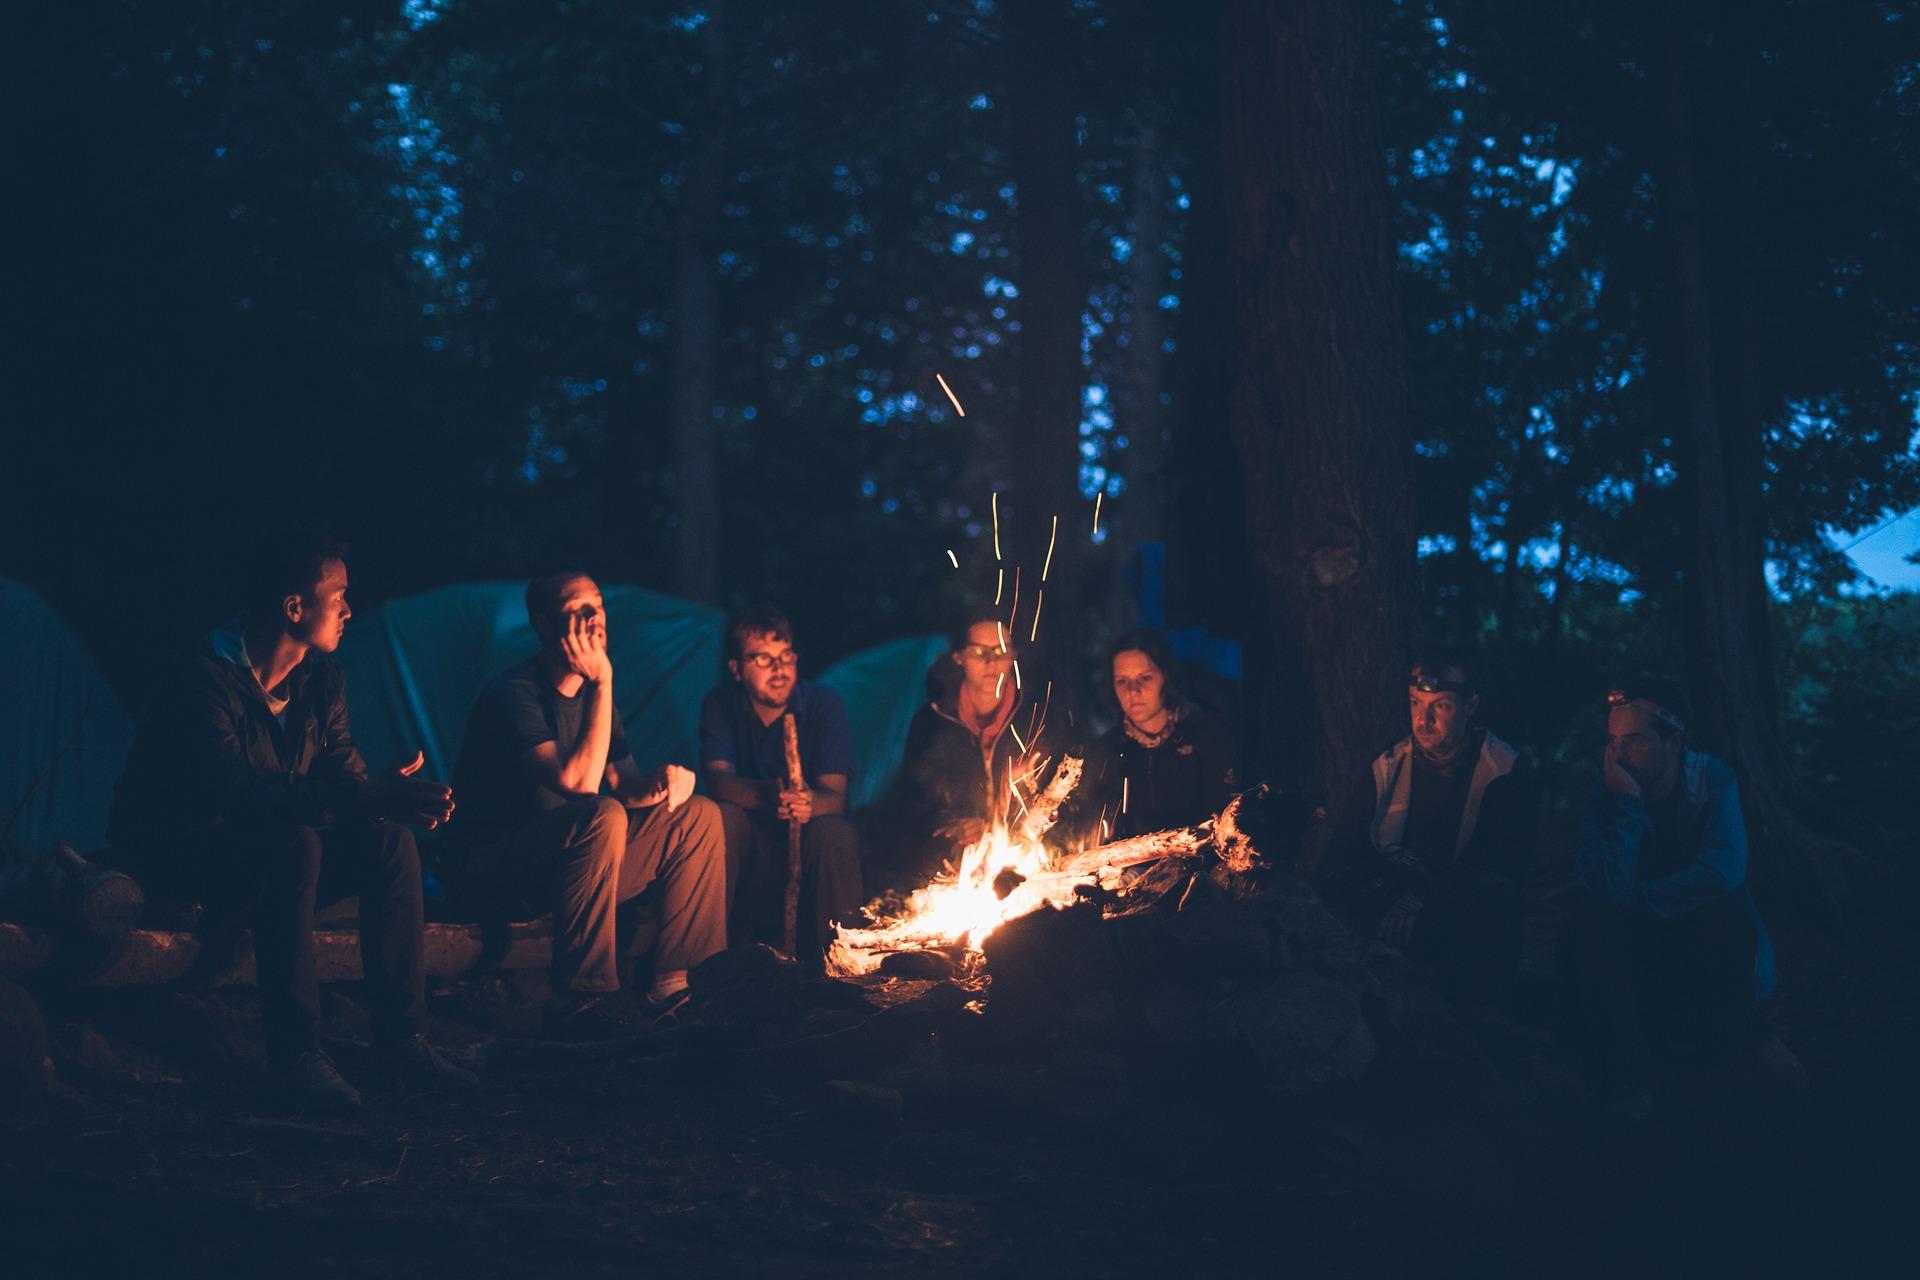 Bonfire, Camping, Fire